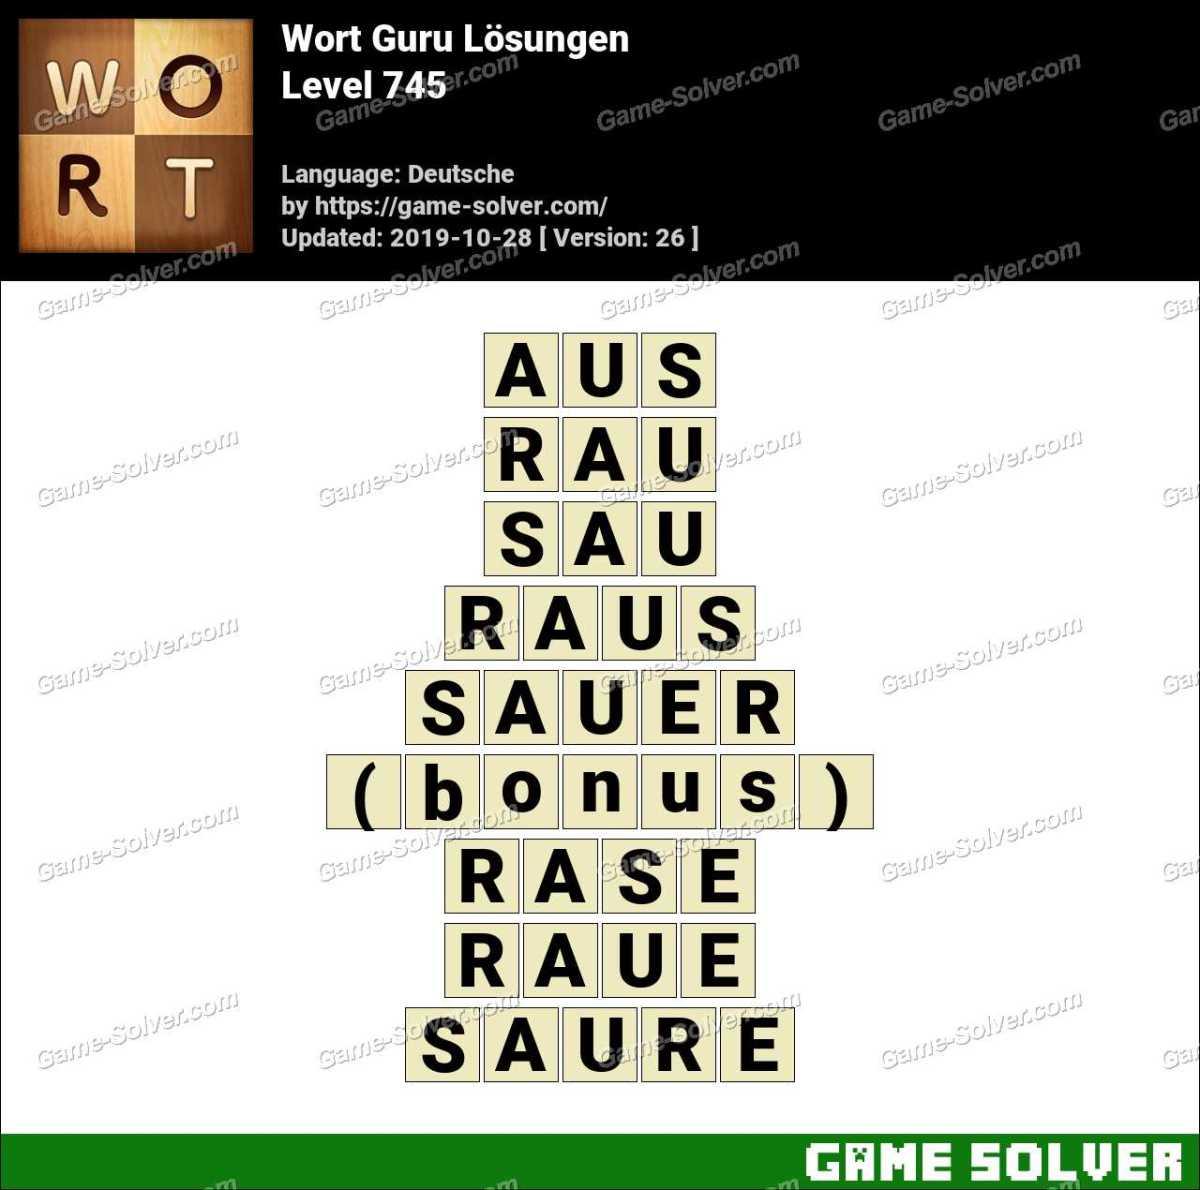 Wort Guru Level 745 Lösungen